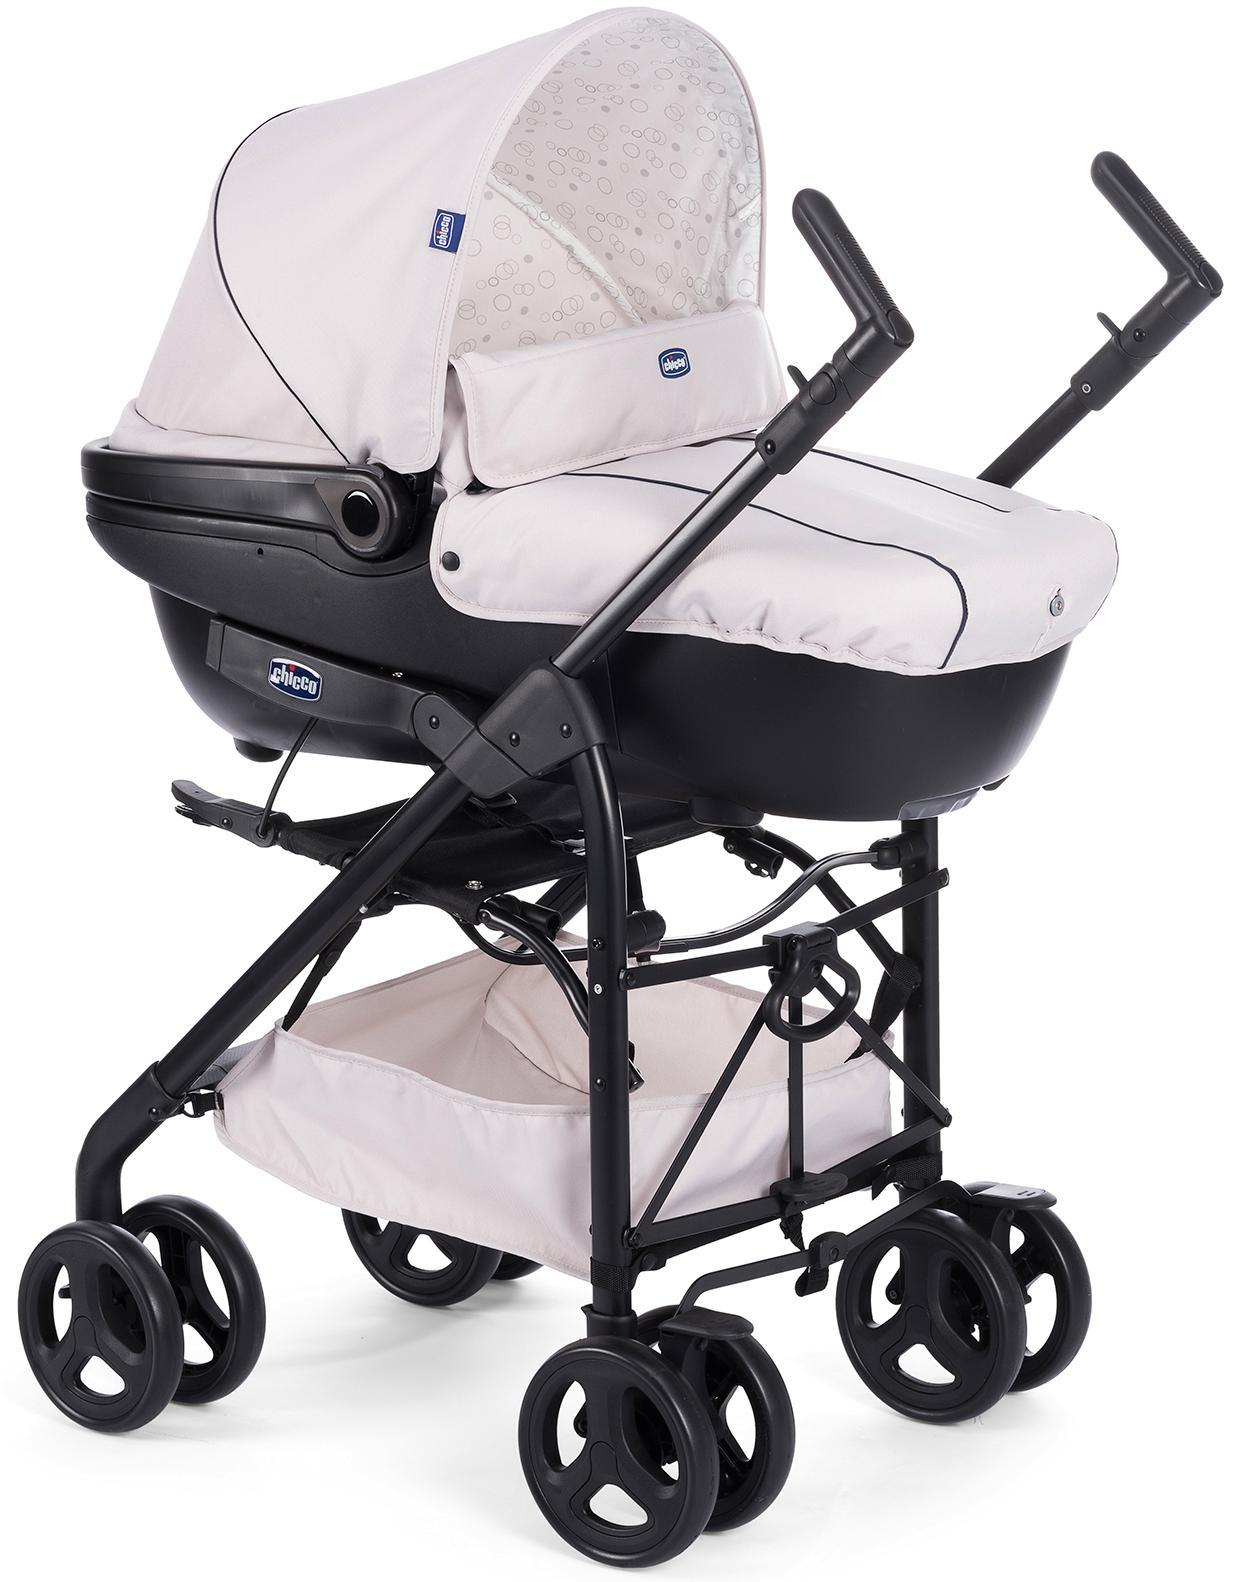 """Chicco Kombi-Kinderwagen """"Trio Sprint mit Kit Car Sandshell"""" Kindermode/Ausstattung/Kinderwagen & Buggies/Kinderwagen/Kombikinderwagen"""